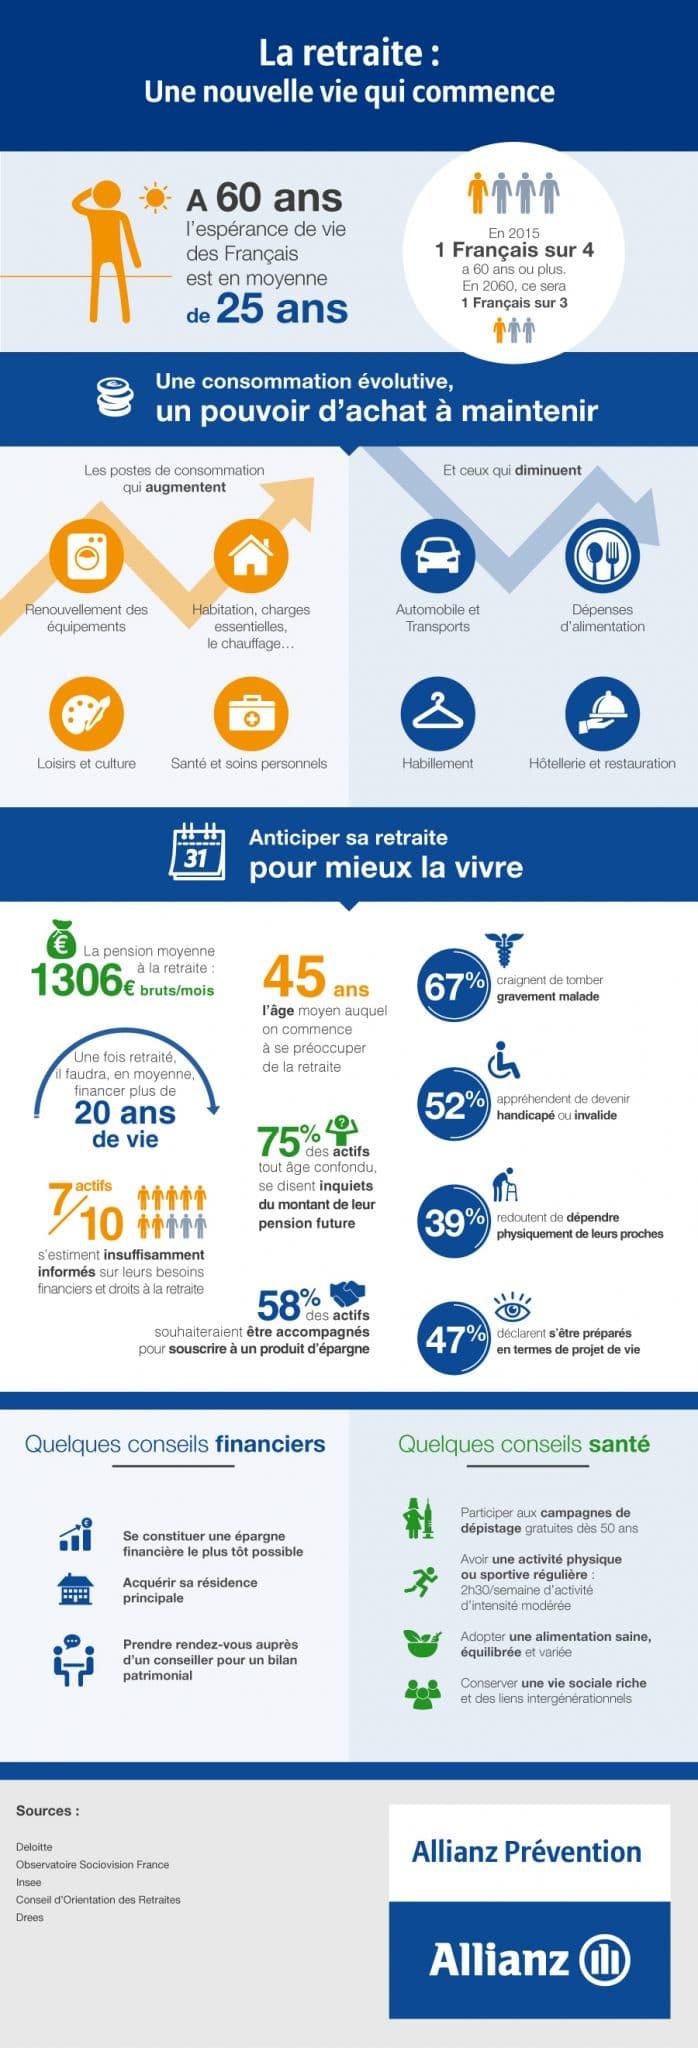 Les activités et les chiffres clés de Allianz pour réussir son entretien d'embauche